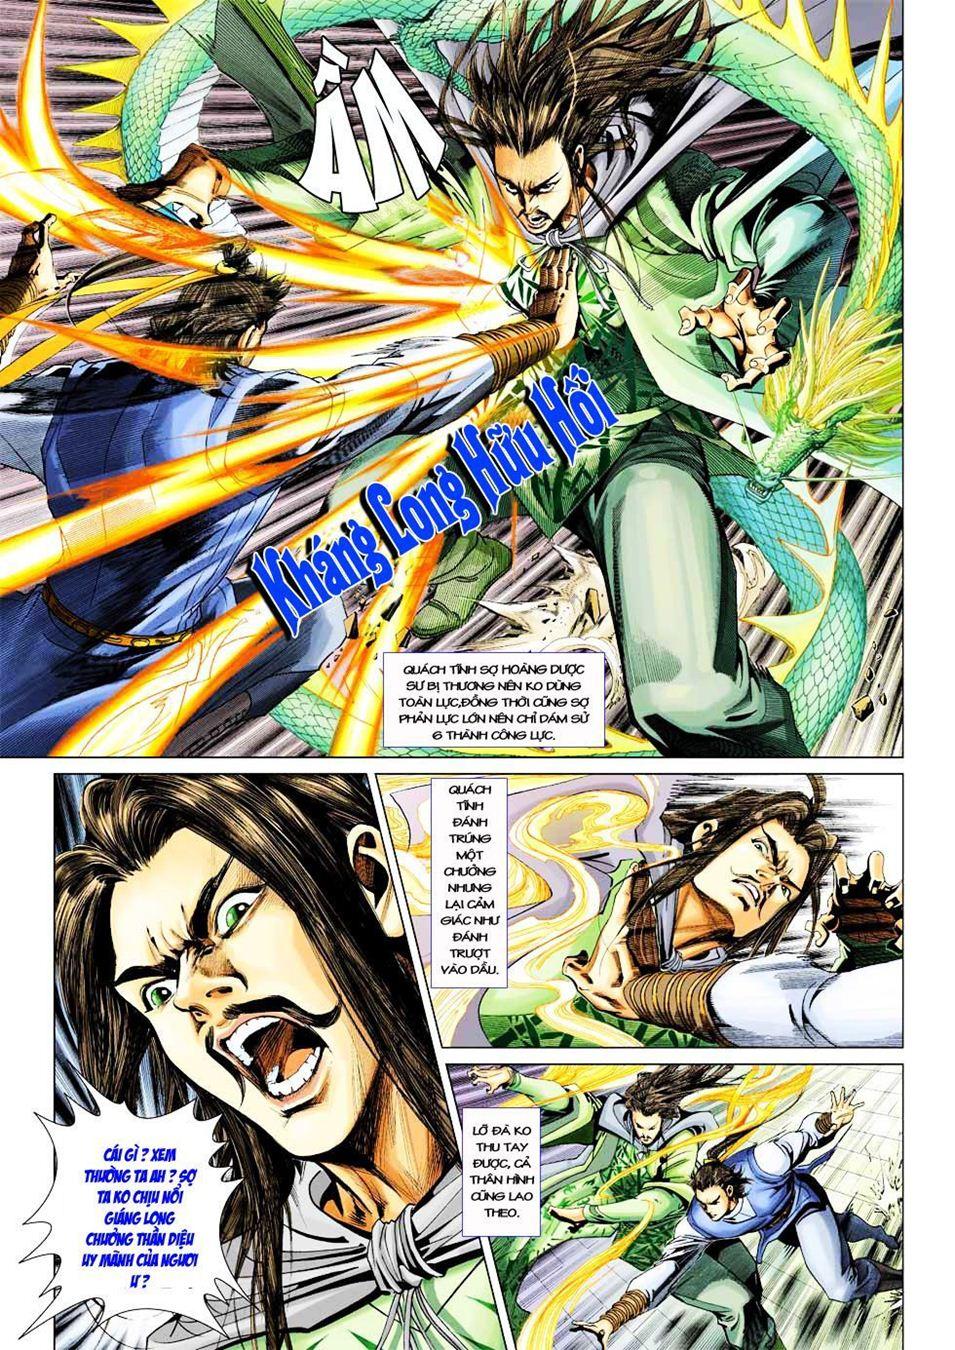 Anh Hùng Xạ Điêu anh hùng xạ đêu chap 33 trang 19